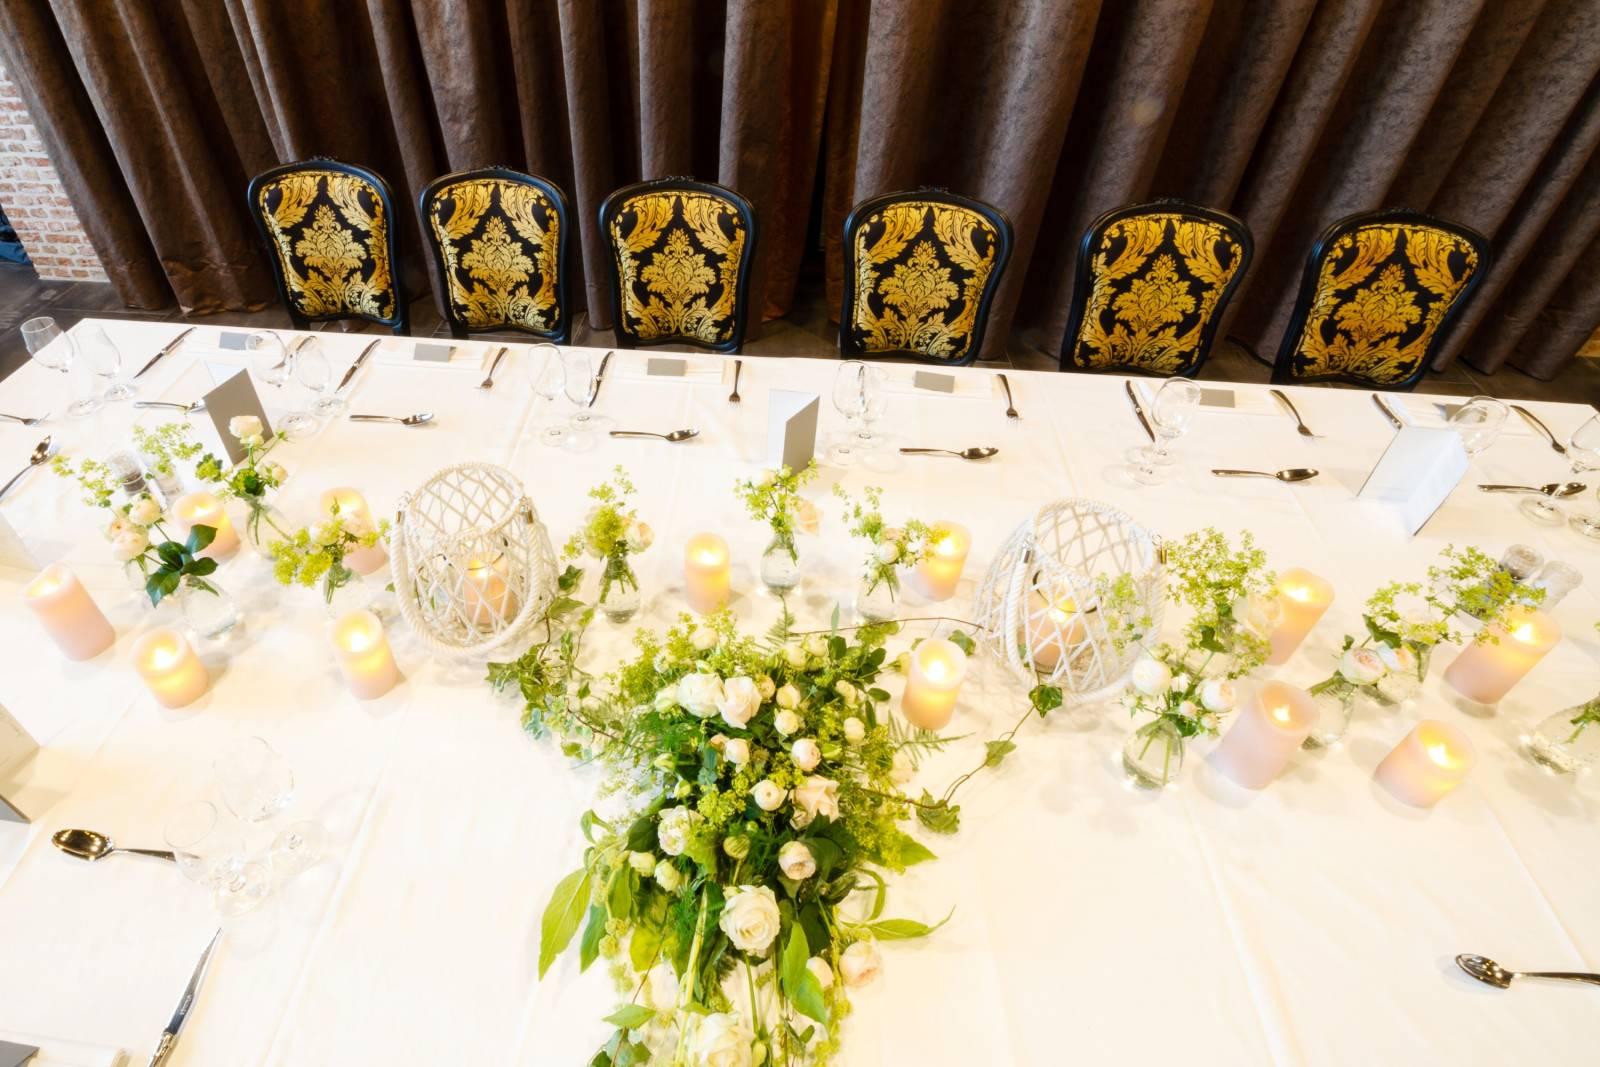 Bierkasteel House of Weddings Feestzaal West Vlaanderen grote capaciteit izegem ceremonie dansfeest exclusief huwelijk (7)